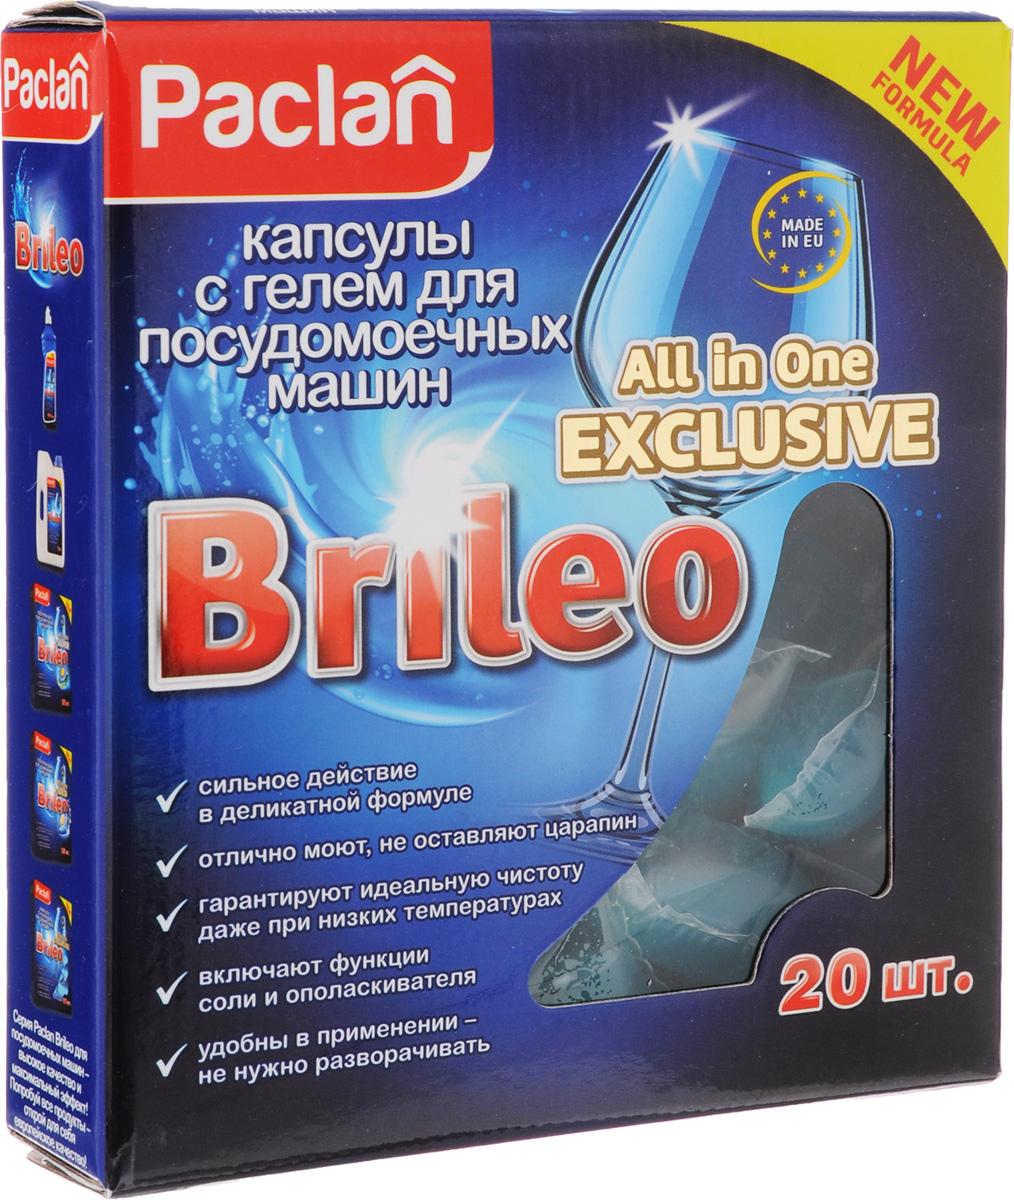 Капсулы с гелем для посудомоечных машин Paclan Brileo. All in One Exclusive, 20 шт419160Paclan Brileo. All in One Exclusive - активные капсулы с гелем для мытья посуды в посудомоечных машинах. Специальная высокоэффективная формула капсул позволяет отмывать самые сильные загрязнения даже при температуре 40 градусов. Идеальное средство для коротких программ посудомоечных машин: гелевая структура мгновенно растворяется в воде и начинает действовать. Благодаря действию энзимов капсулы растворяют жир, белки и крахмал, из которых состоят трудносмываемые, засохшие остатки пищи. Выполняют функцию ополаскивателя, не оставляя следов и разводов на посуде. Капсулы смягчают воду и защищают посудомоечную машину от накипи. Не содержат фосфатов. Водорастворимая упаковка дает возможность избежать контакта кожи рук с химическими элементами геля.Состав: неионные ПАВ, поликарбоксилаты, отдушка, энзимы, консерванты: бензизотиазолинон Товар сертифицирован.